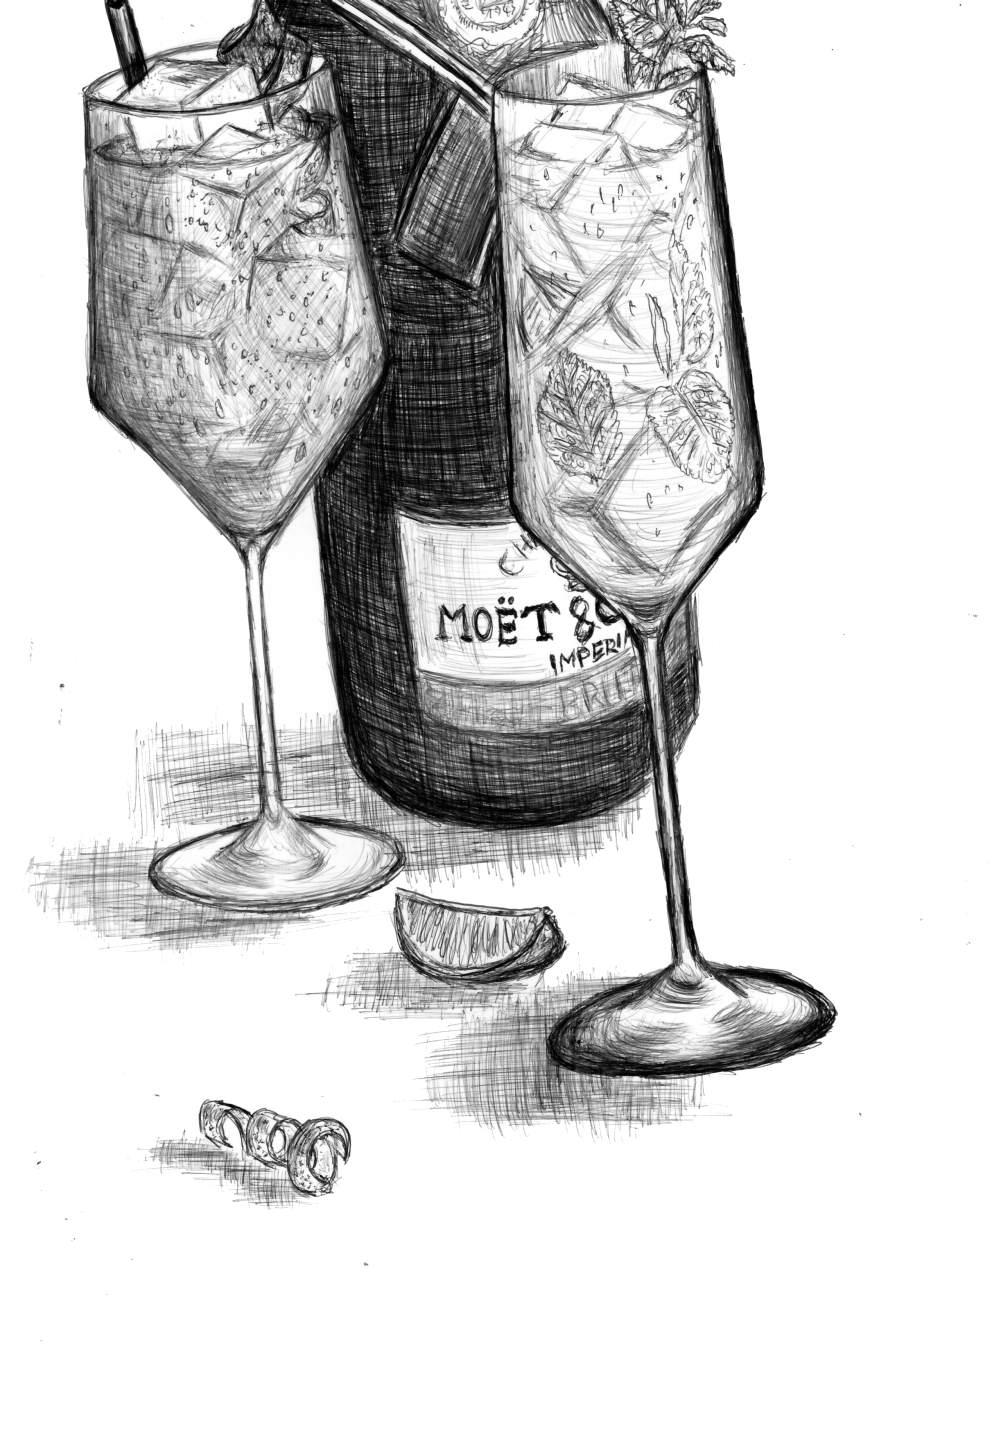 Sektcocktails, Champagnercocktails